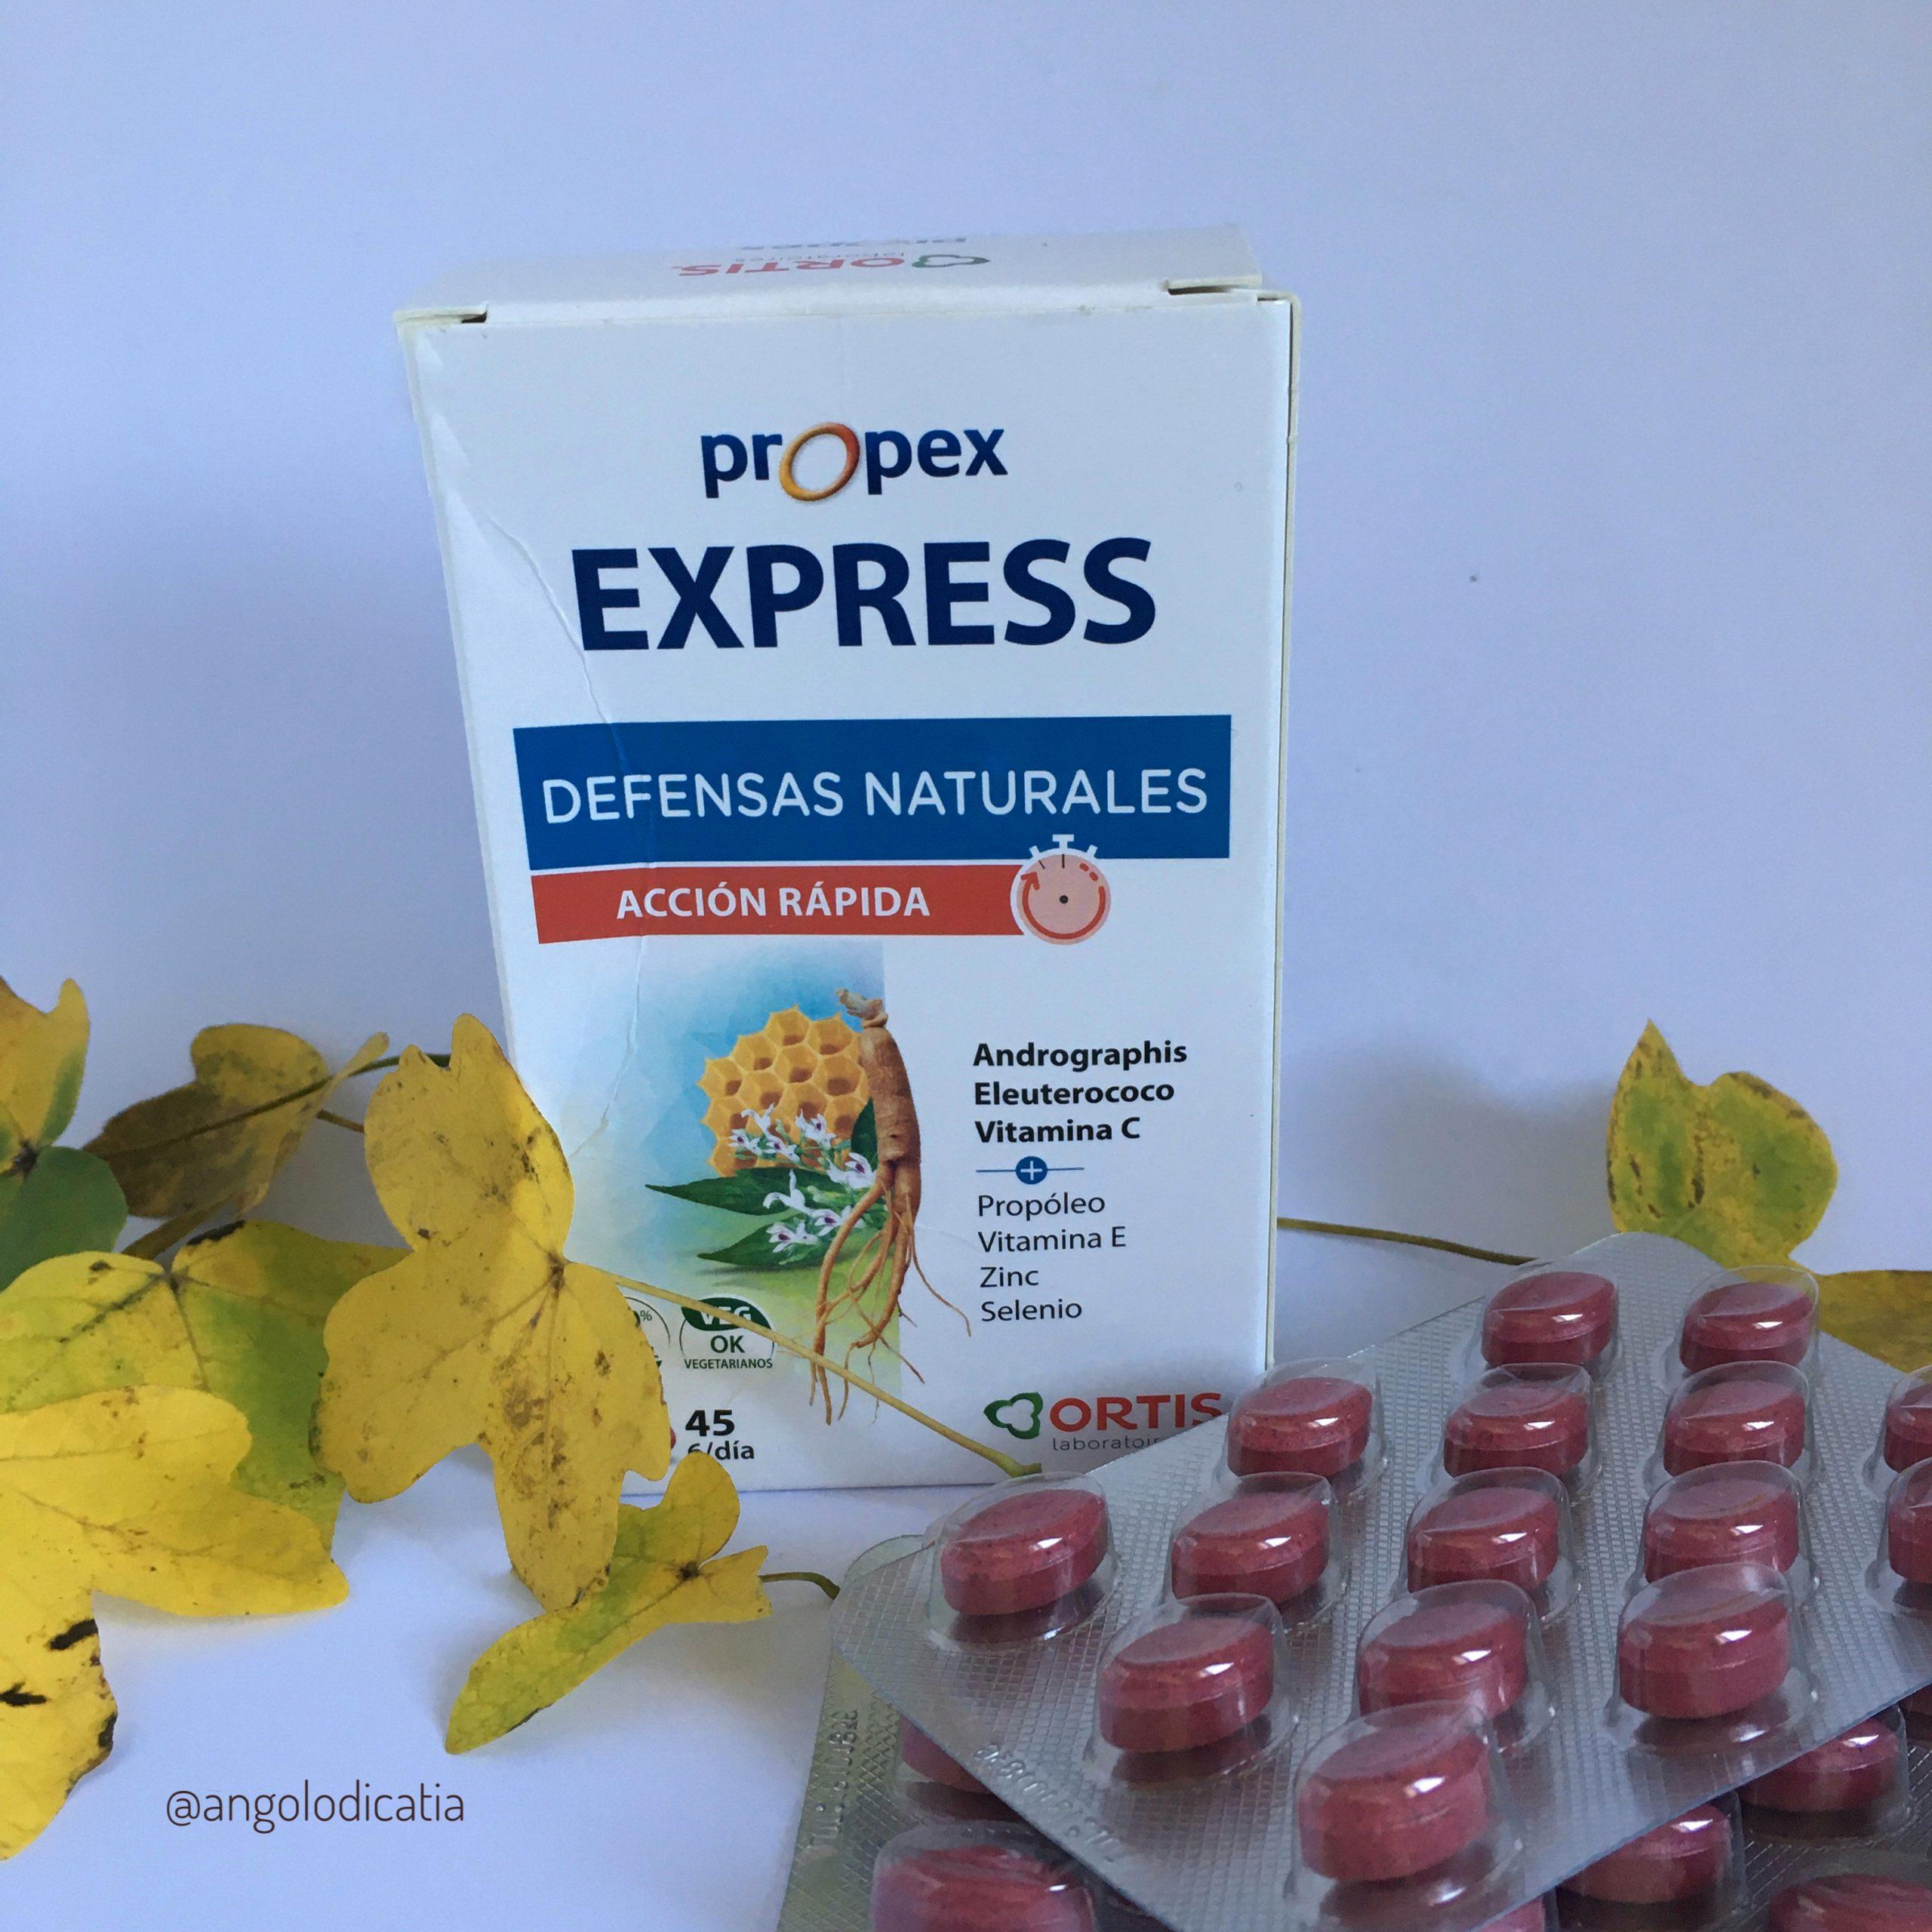 Propex Express – Ortis -aiutiamo le nostre difese immunitarie